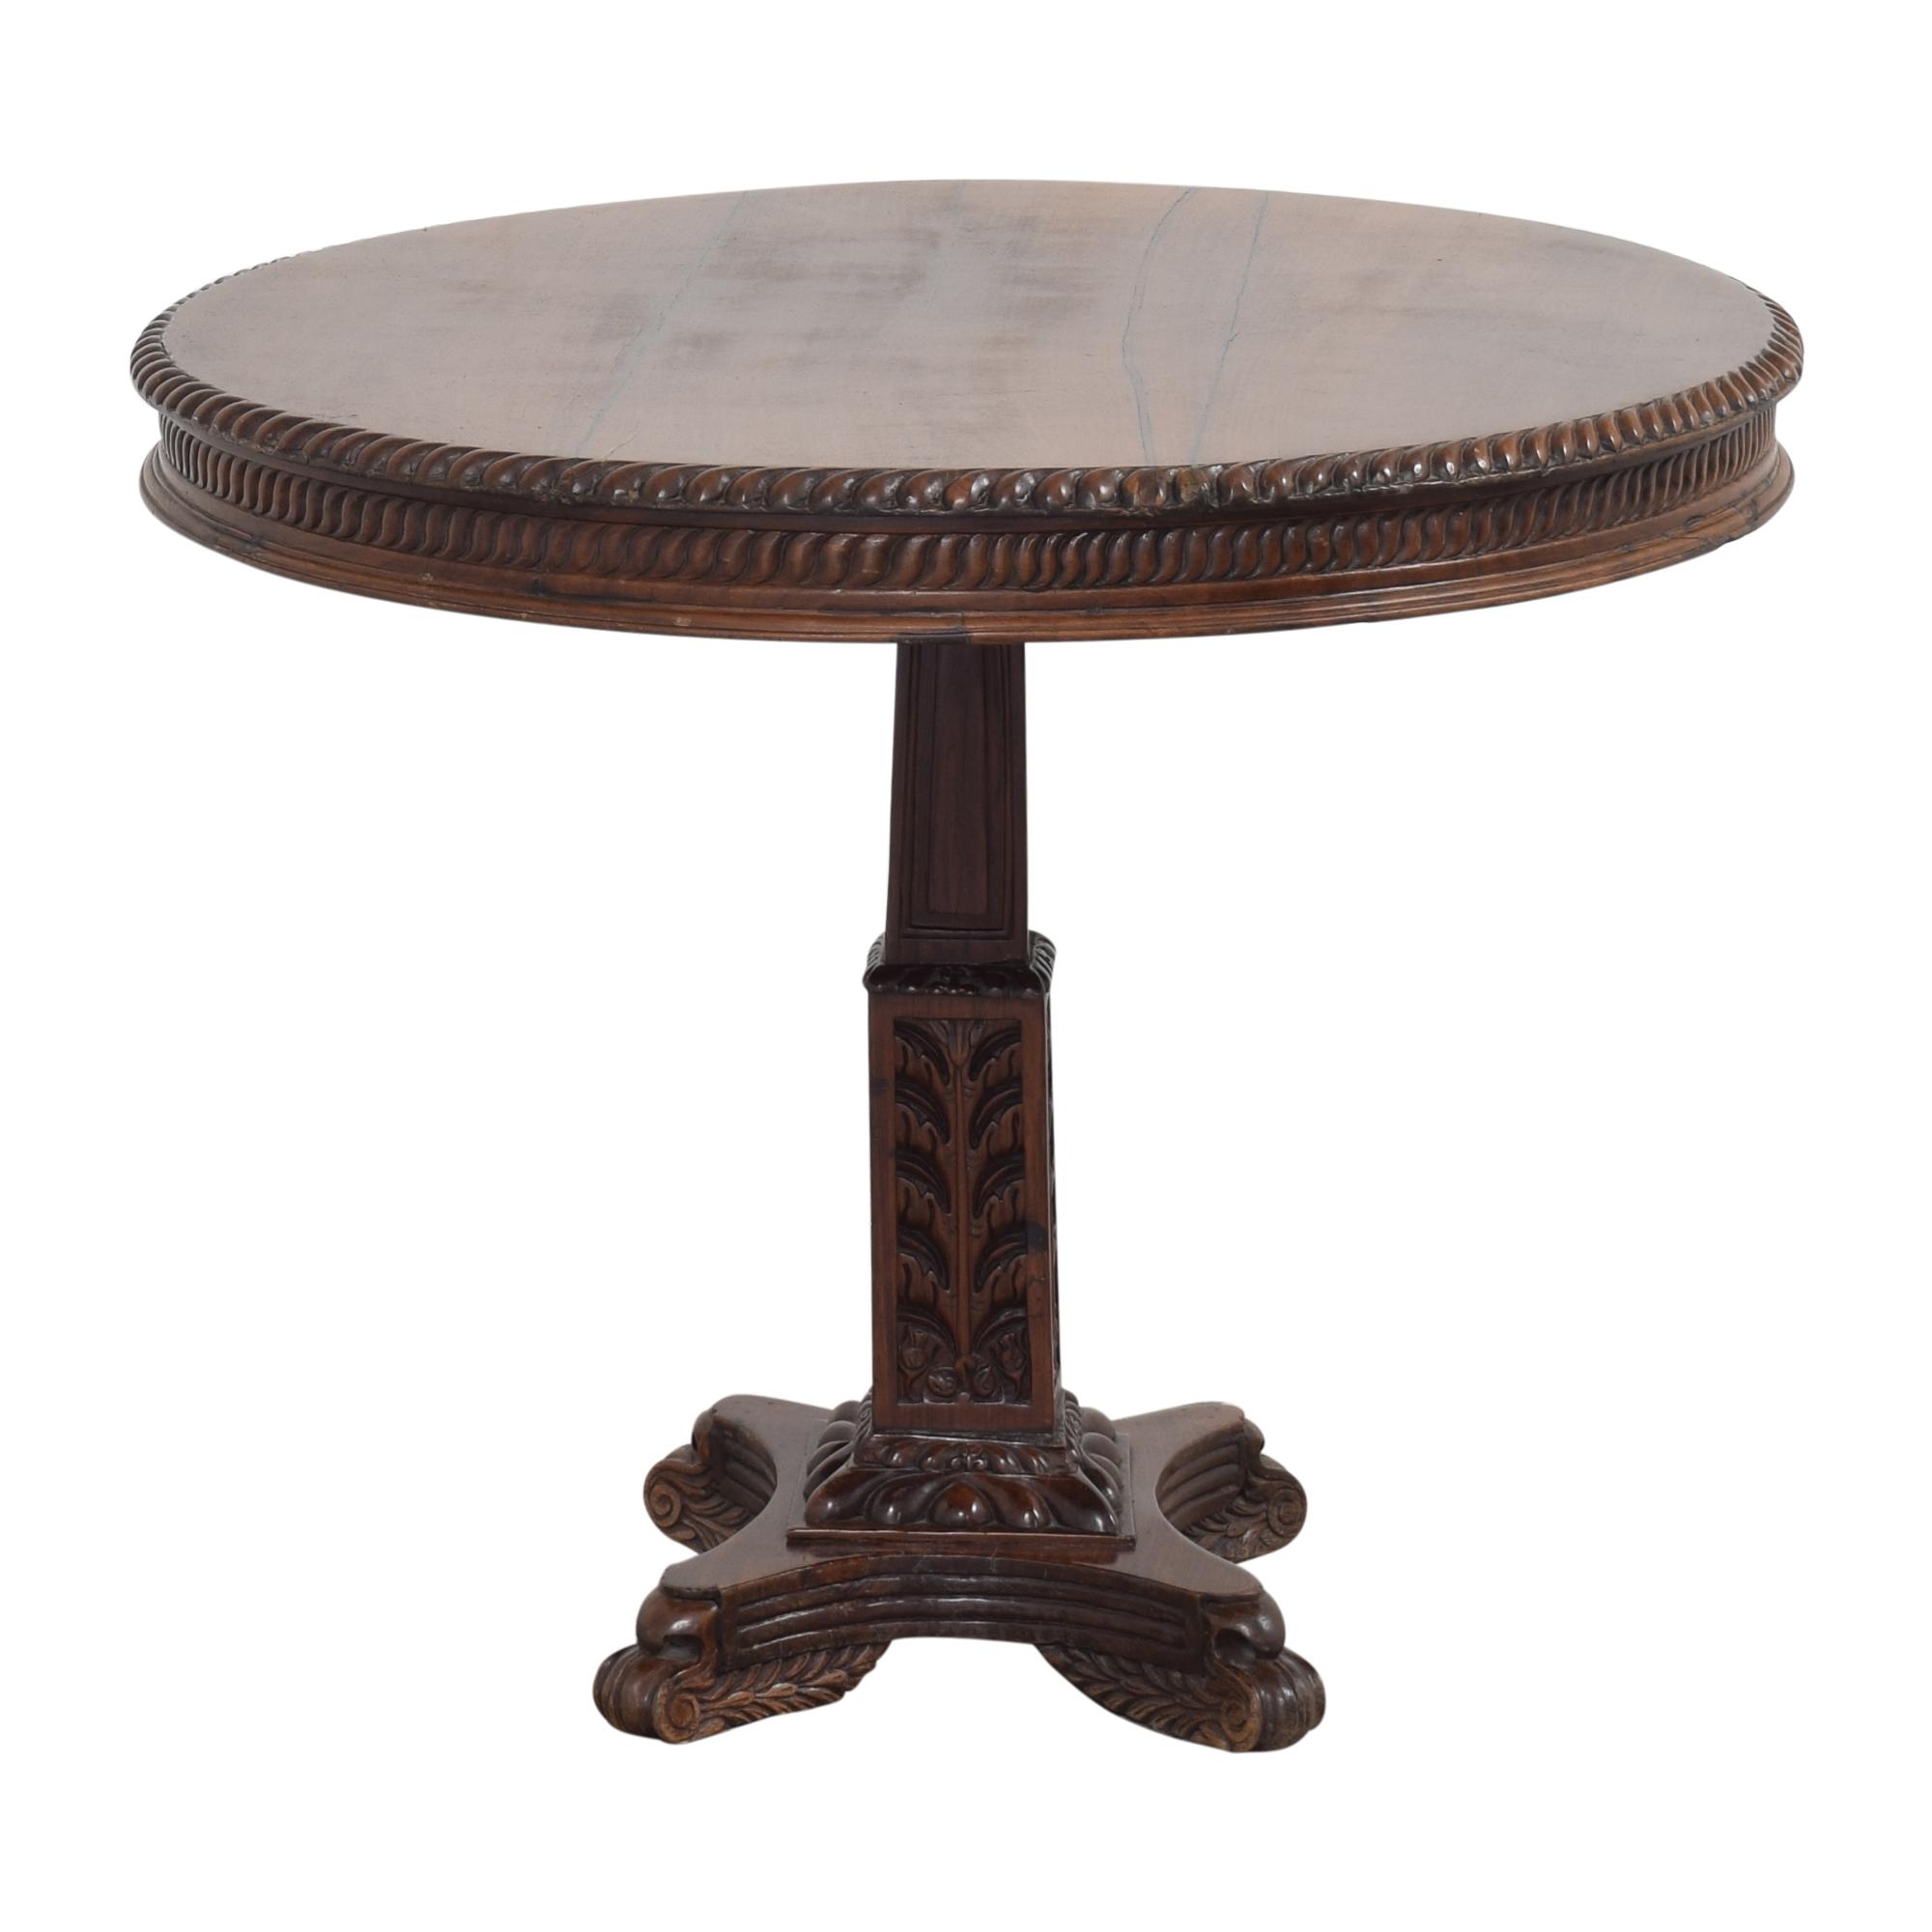 shop  Vintage-Style Pedestal Game Table online